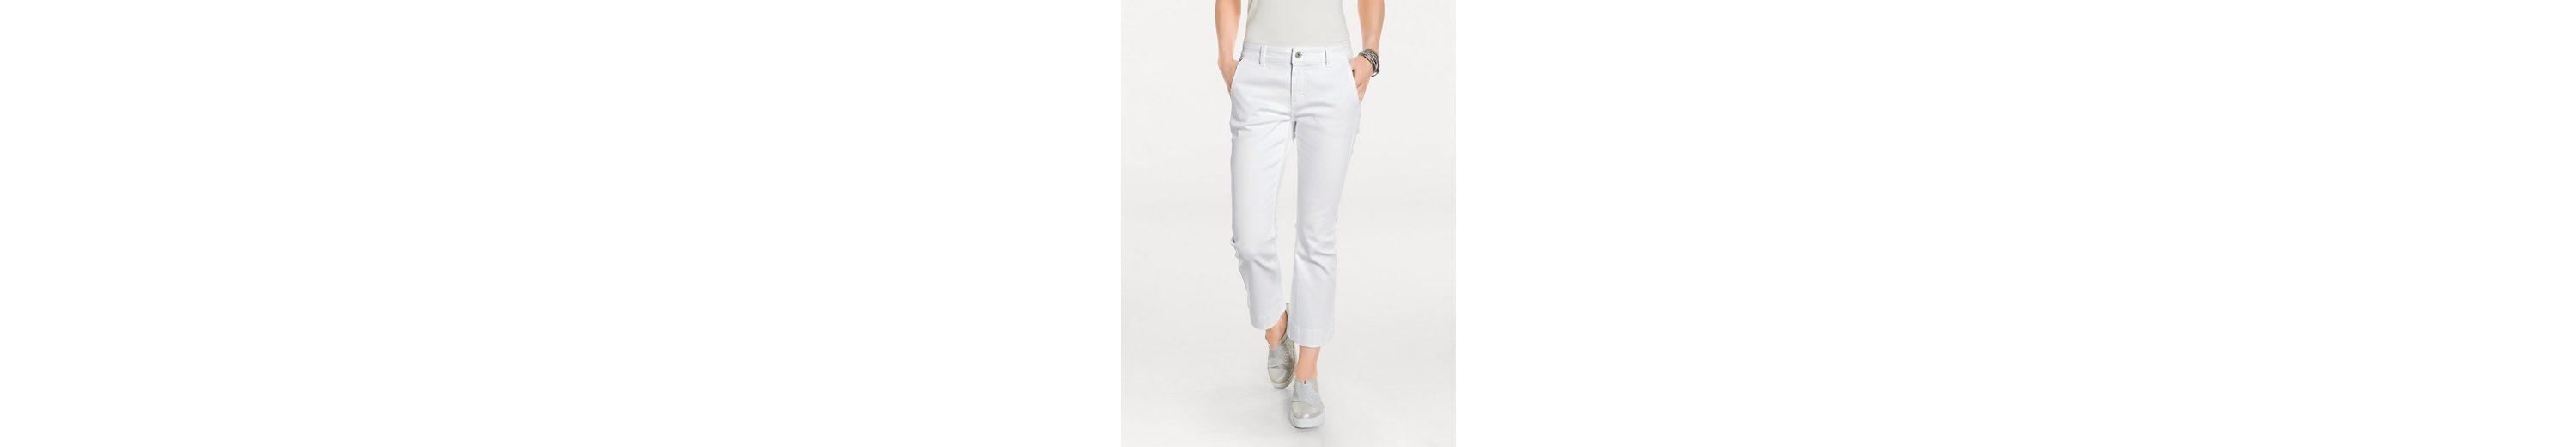 B.C. BEST CONNECTIONS by Heine Flared-Jeans verkürzte Form Werksverkauf Versandrabatt Authentisch uJOk7Qxid